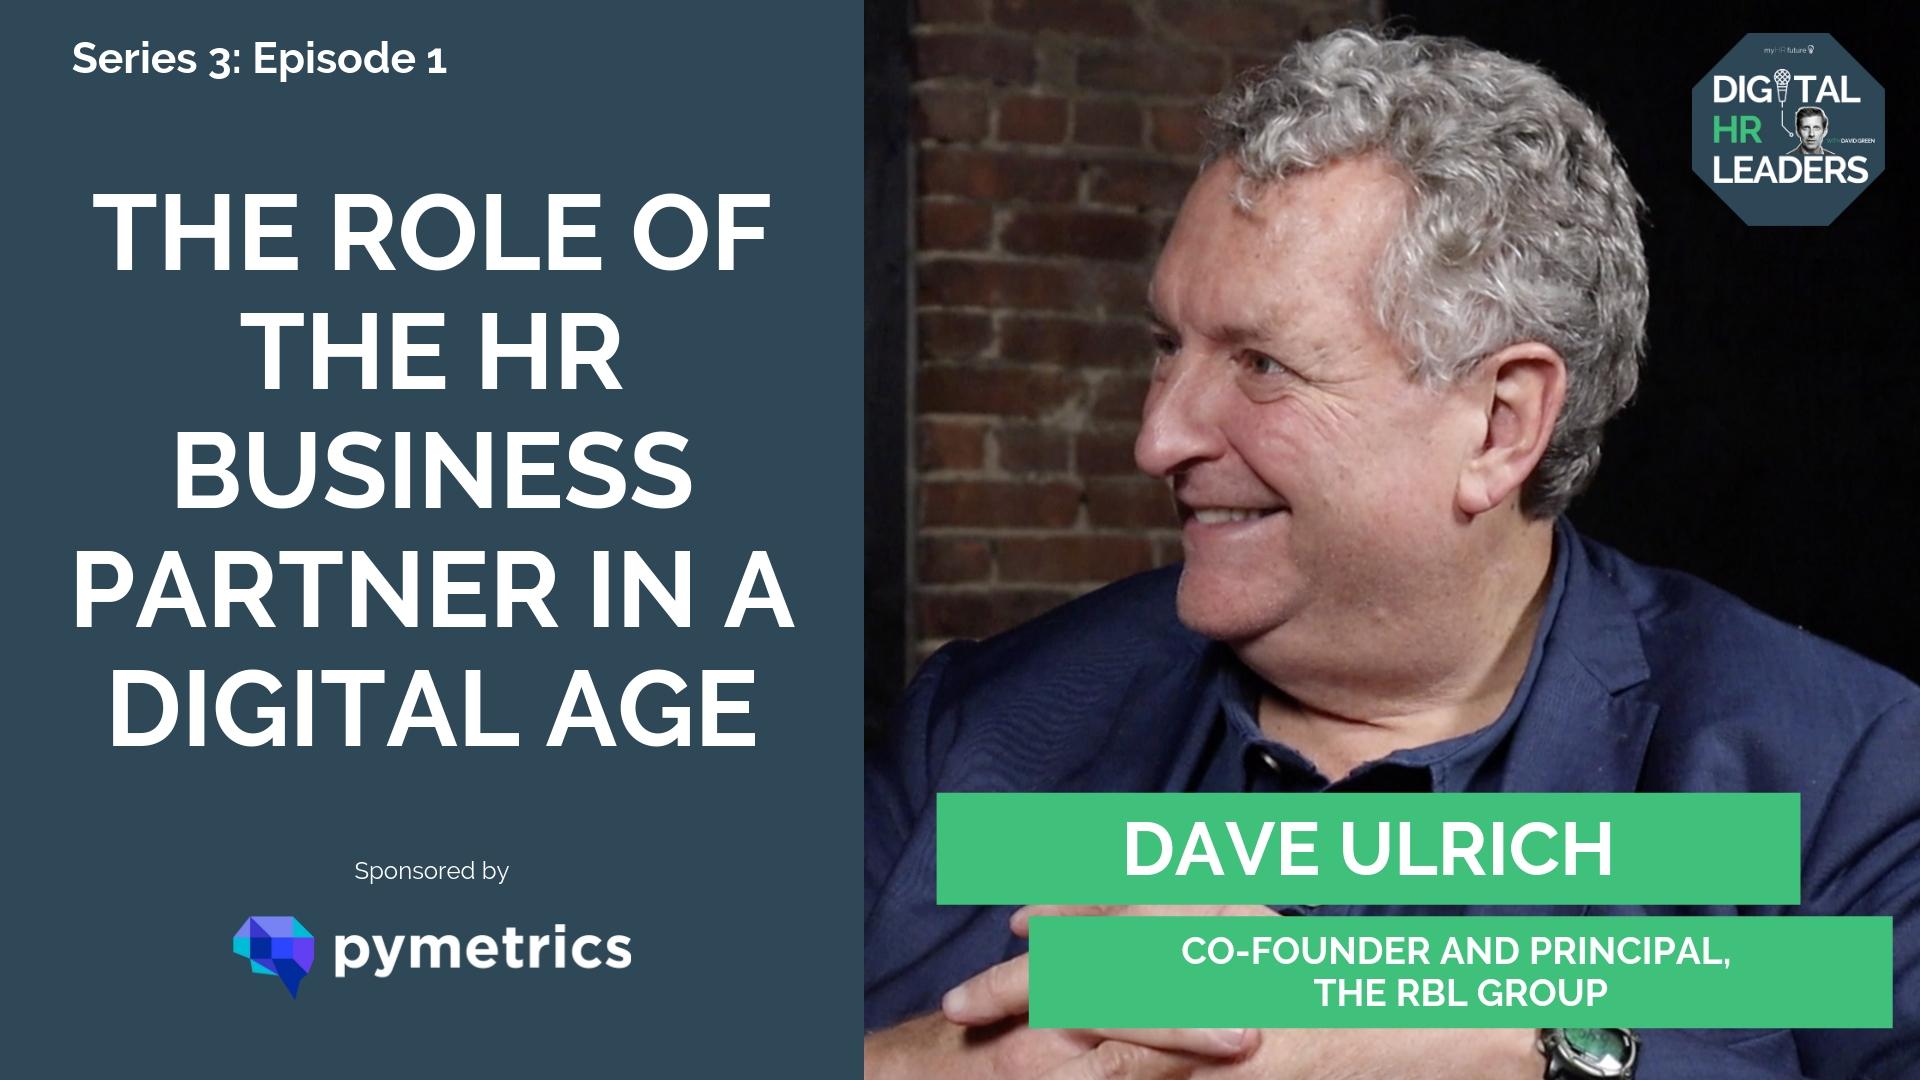 Digital HR Leaders Thumbnails - Series 3 (1).jpg